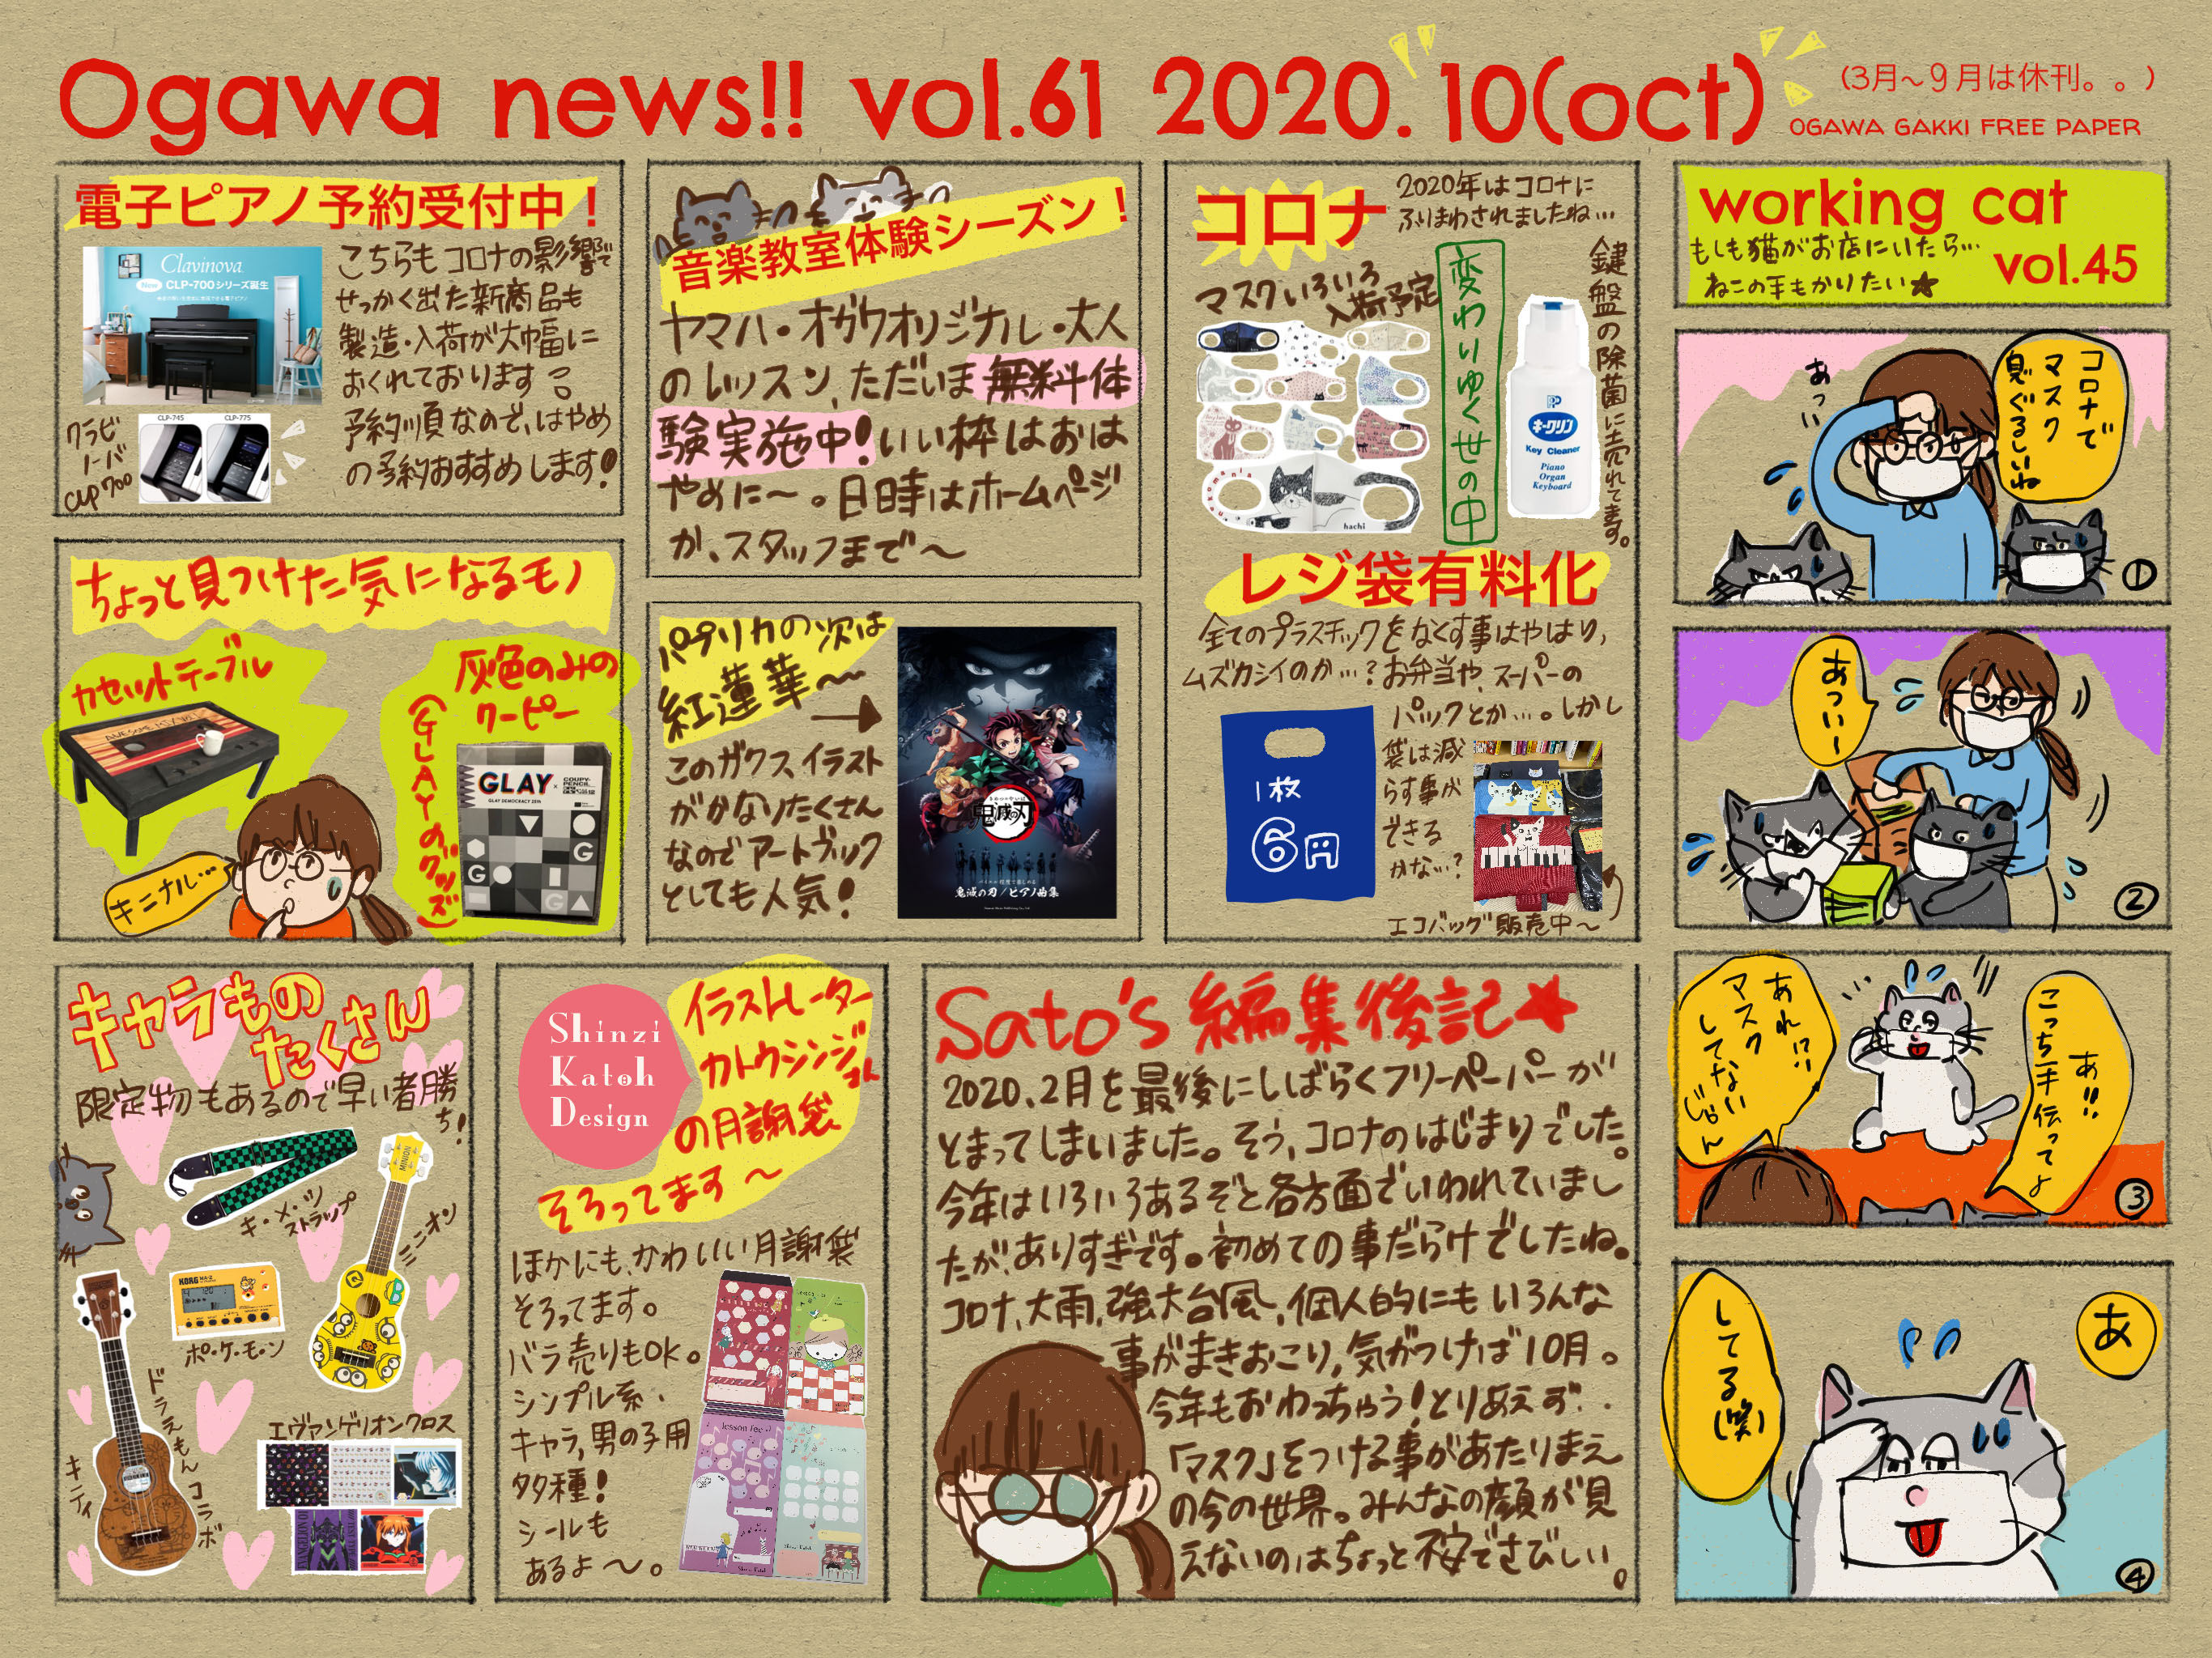 【柳川・佐賀店フリーペーパー】vol.61 2020年10月号